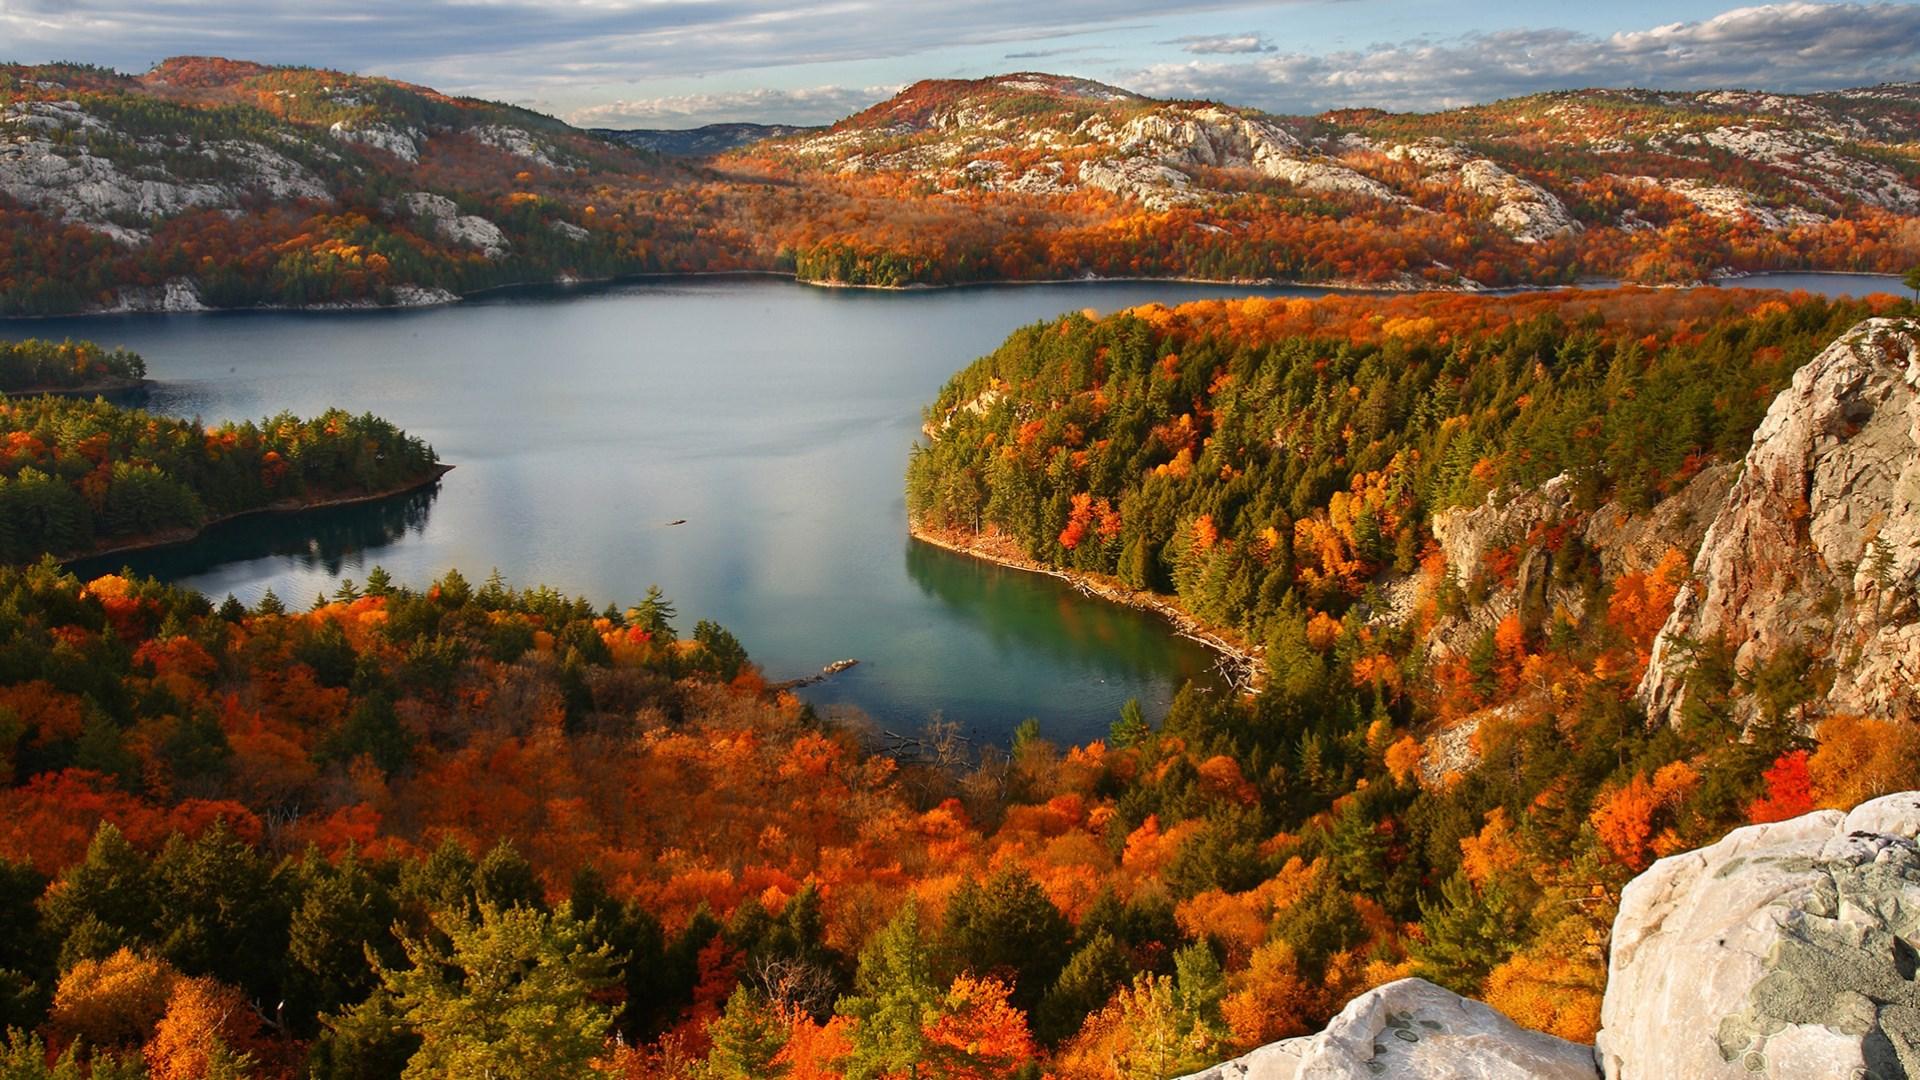 Hình ảnh mùa thu lá vàng hồ nước trong vắt